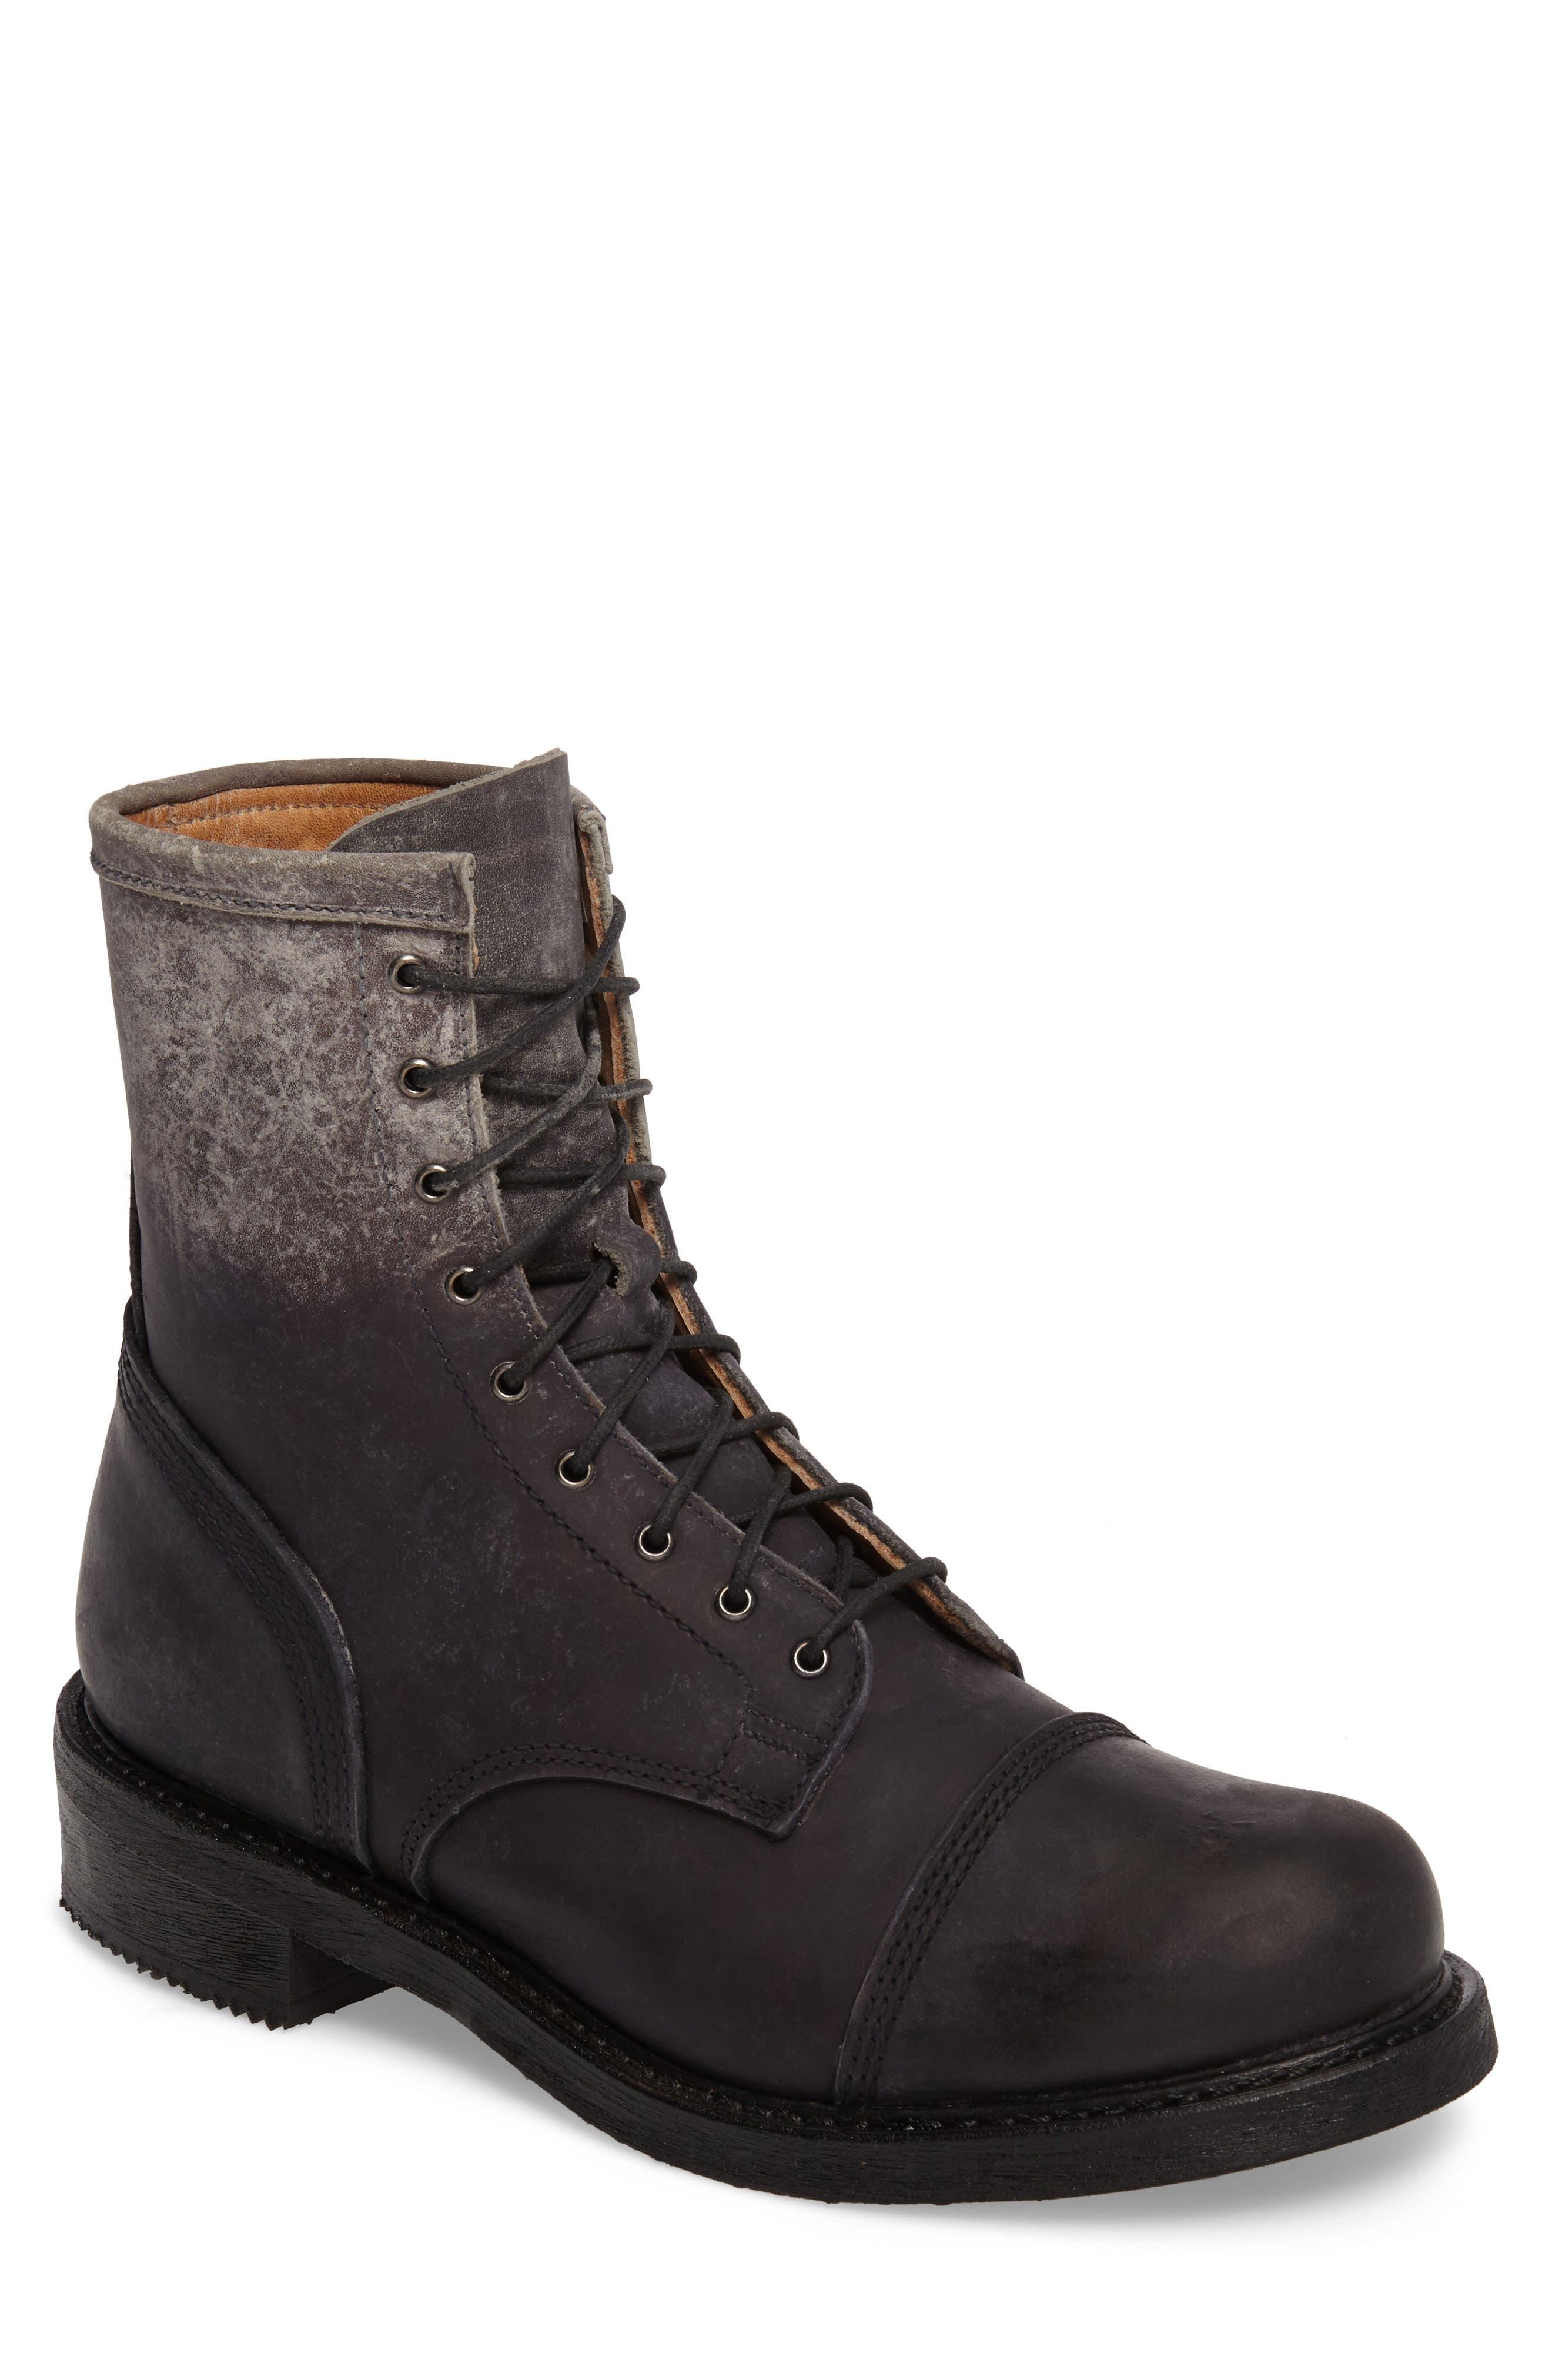 Main Image - Timberland Smuggler's Notch Cap Toe Boot (Men)